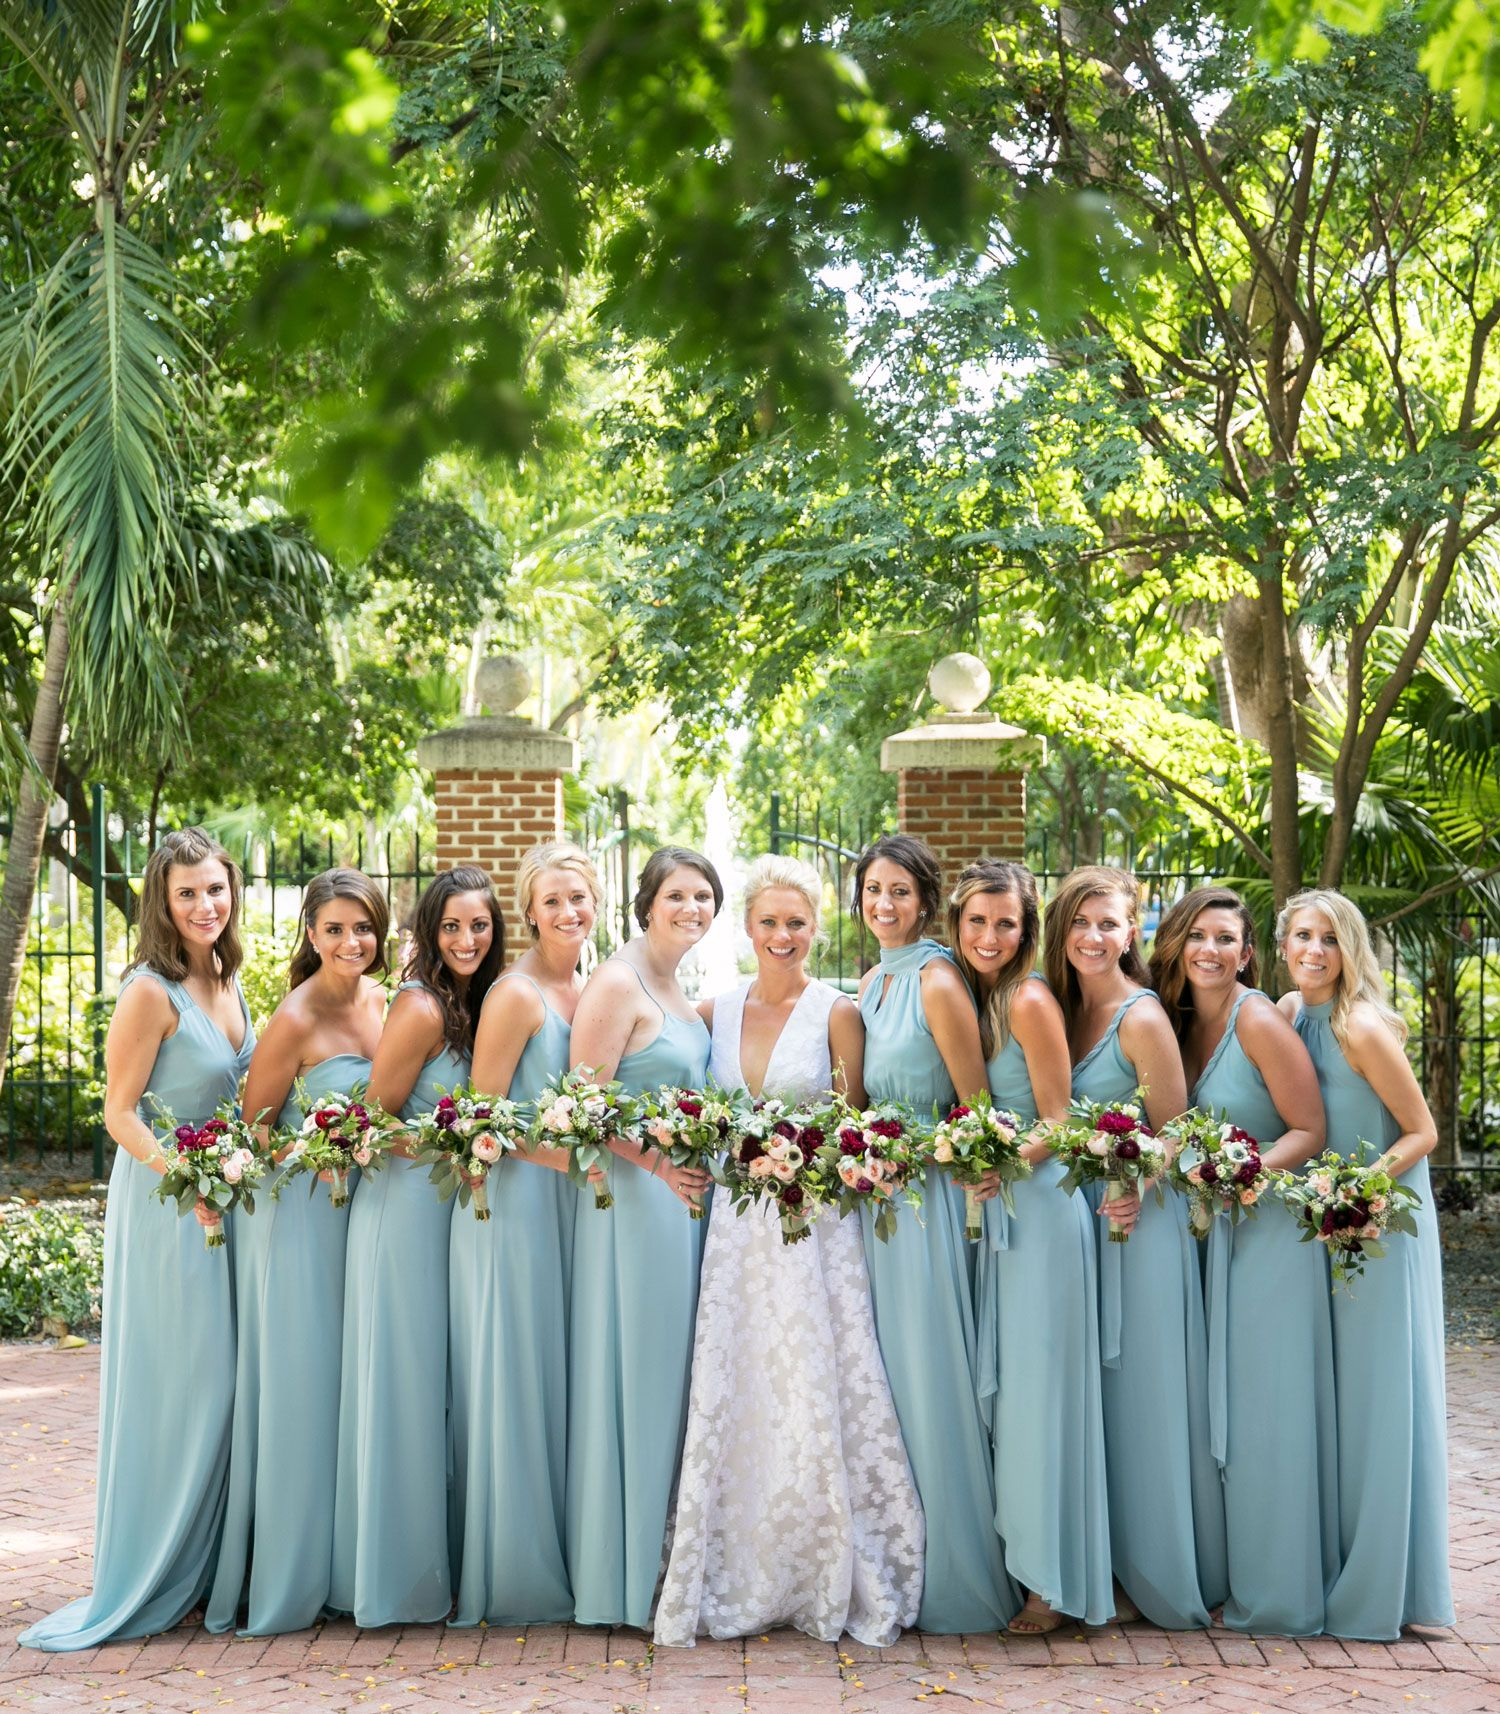 Fall Destination Wedding on the Beach in Key West, Florida